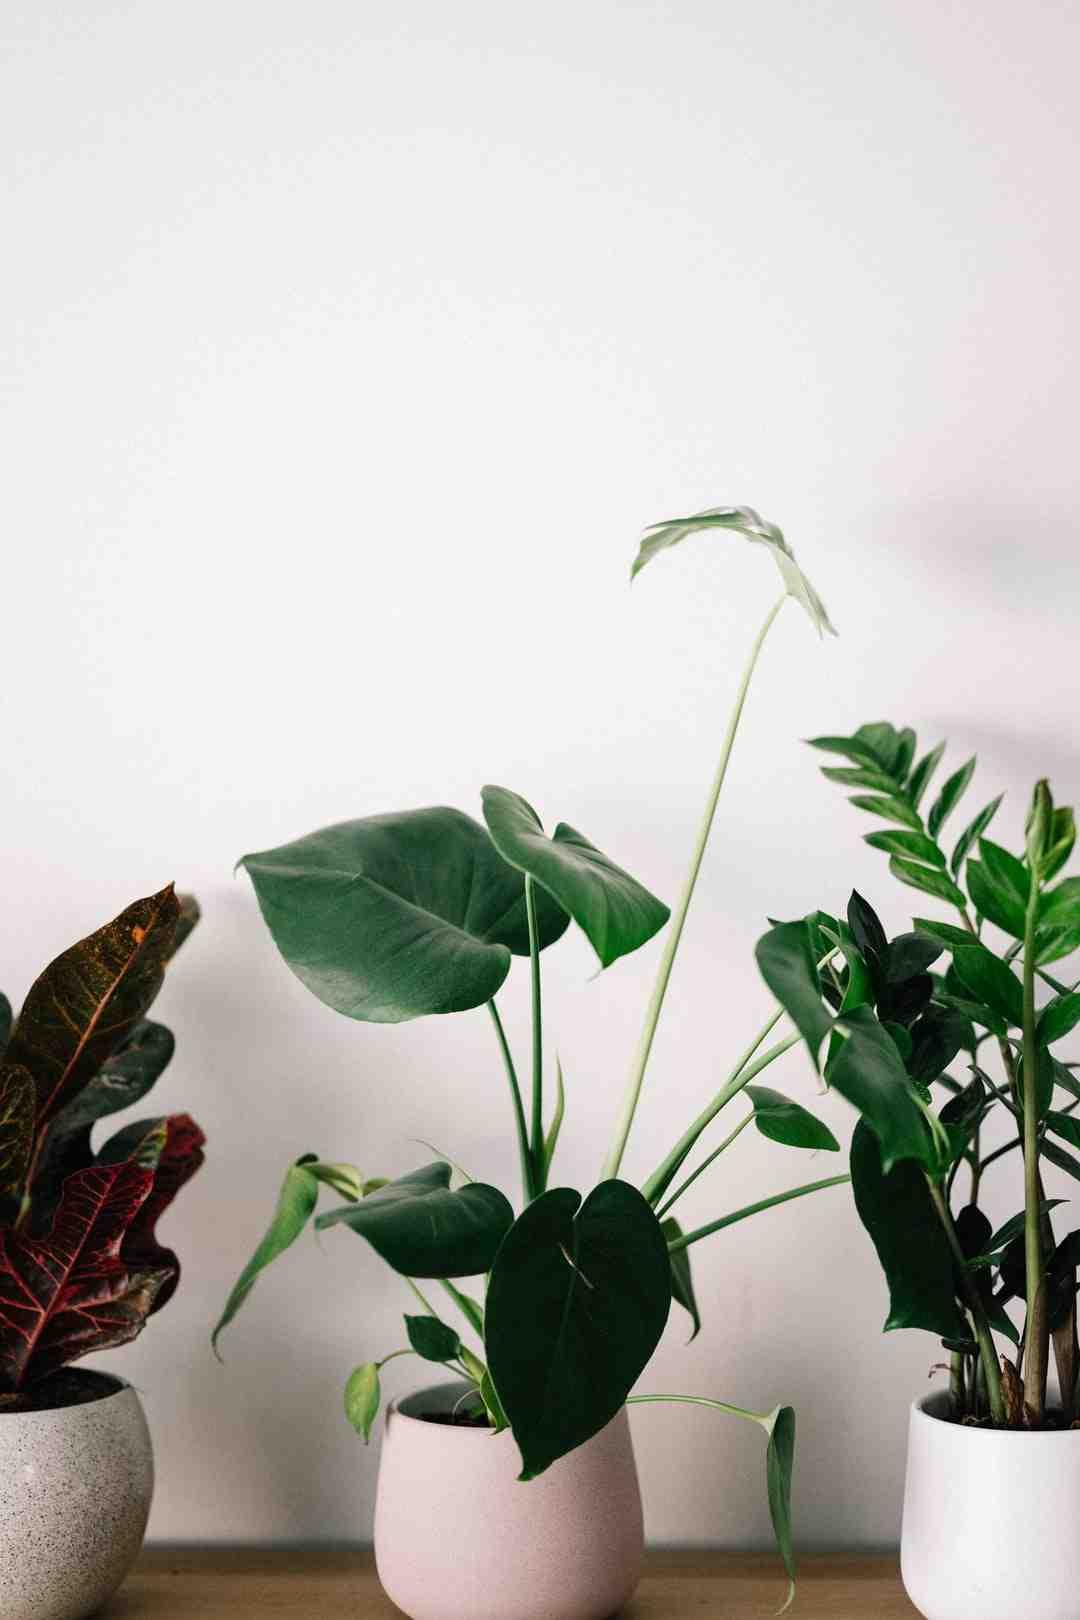 Comment sceller hermétiquement un pot?